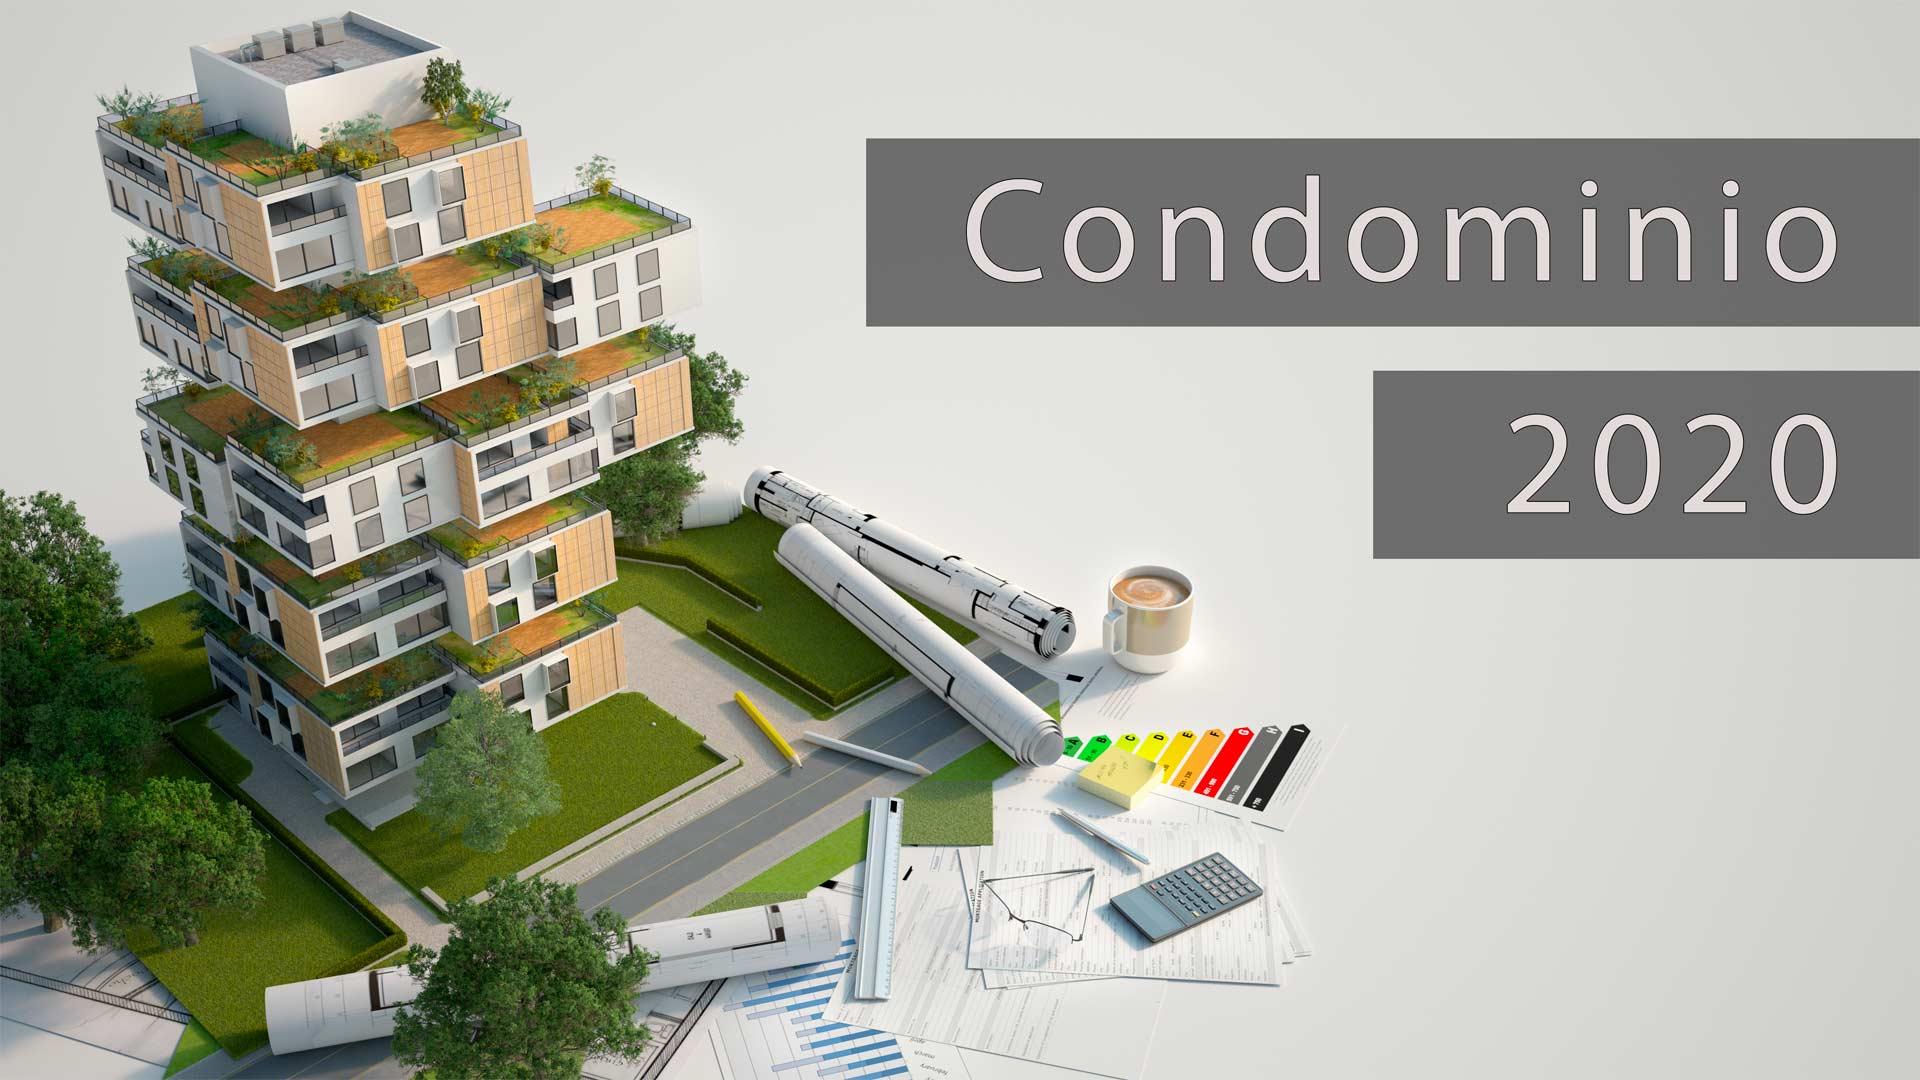 Le opportunità per il condominio nel 2020 con Insufflaggio Certificato